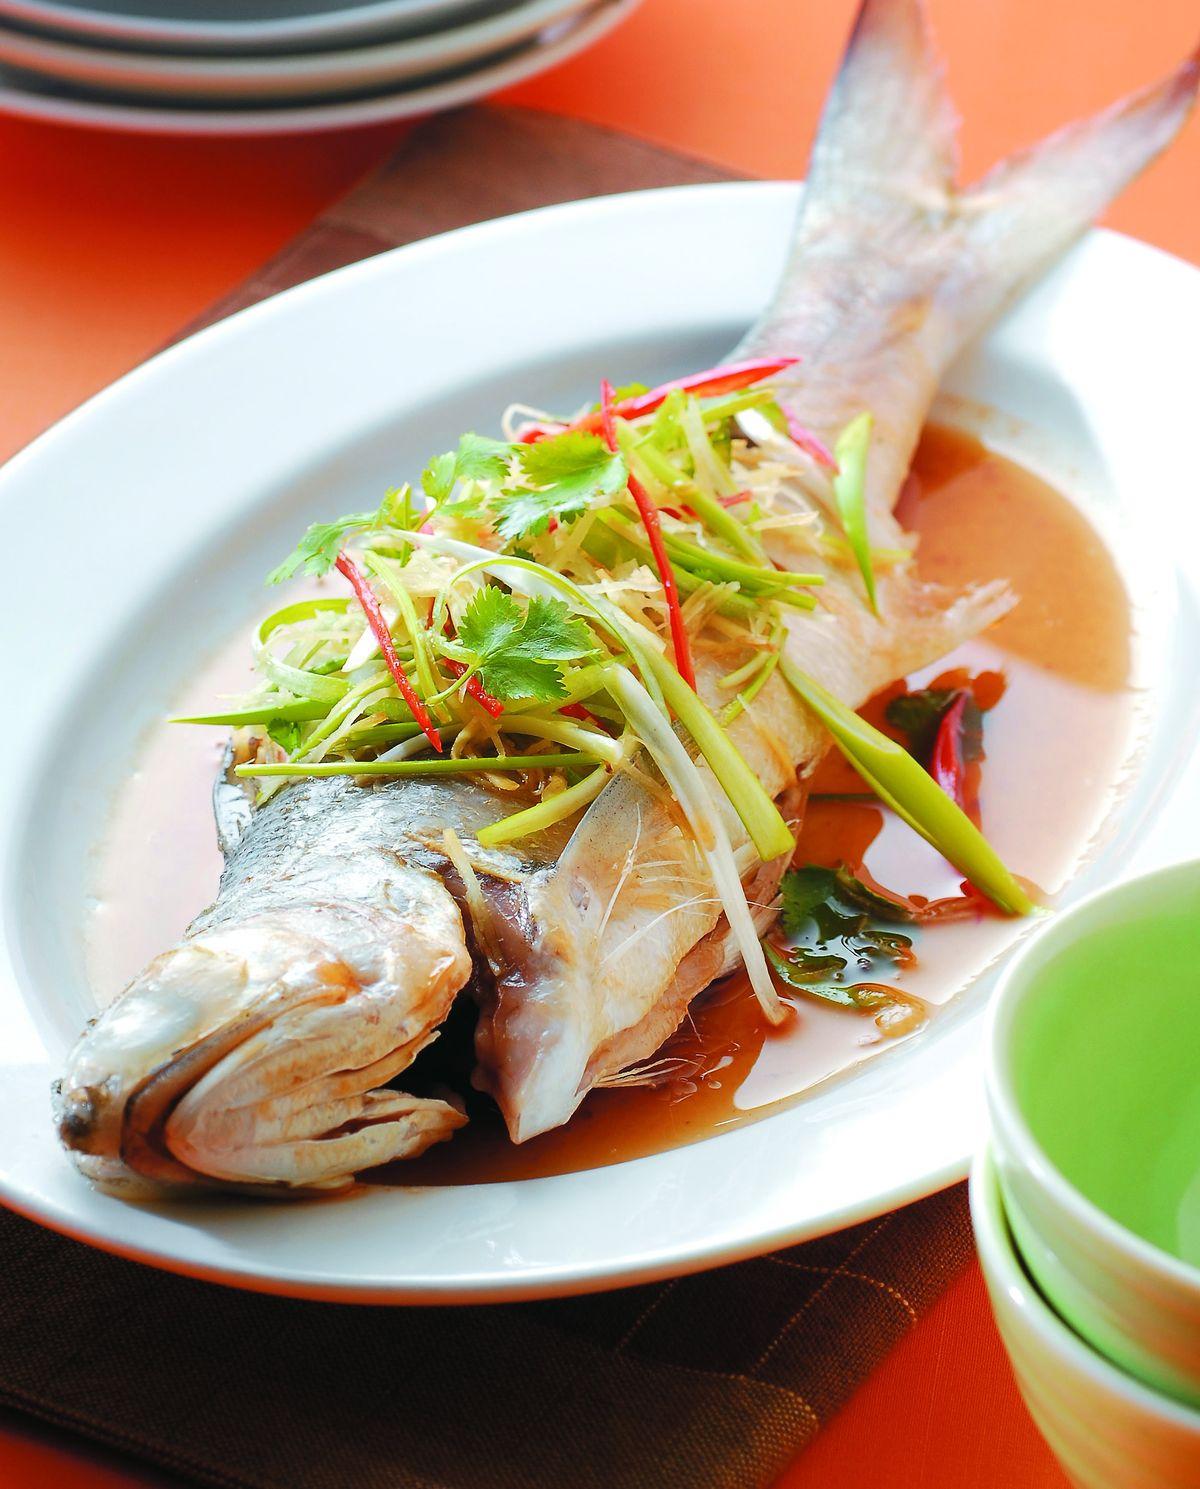 食譜:蒸鮮魚